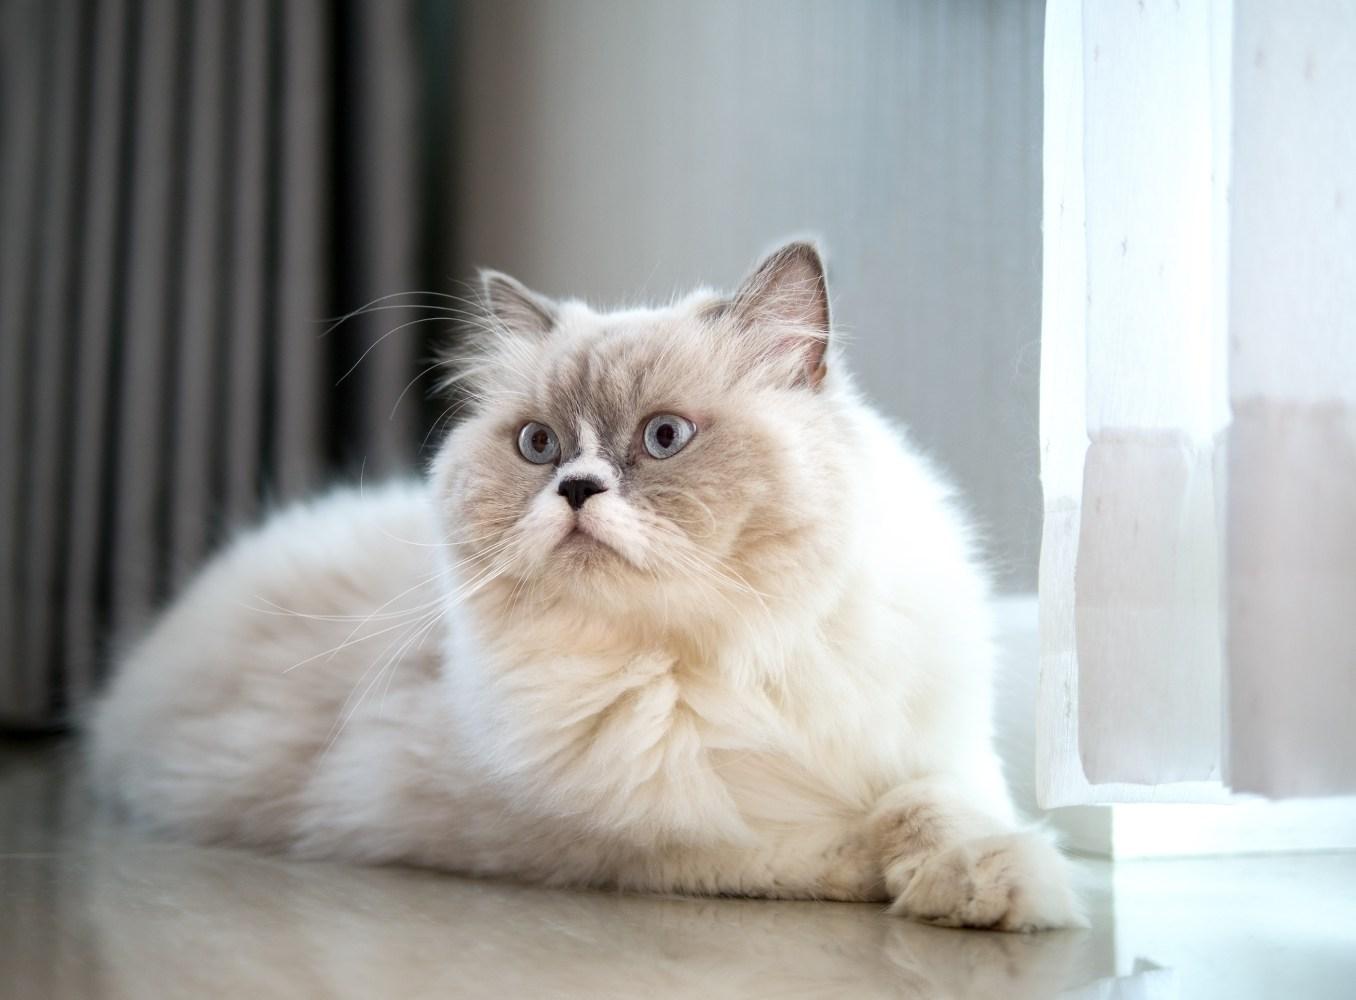 Gato persa à janela